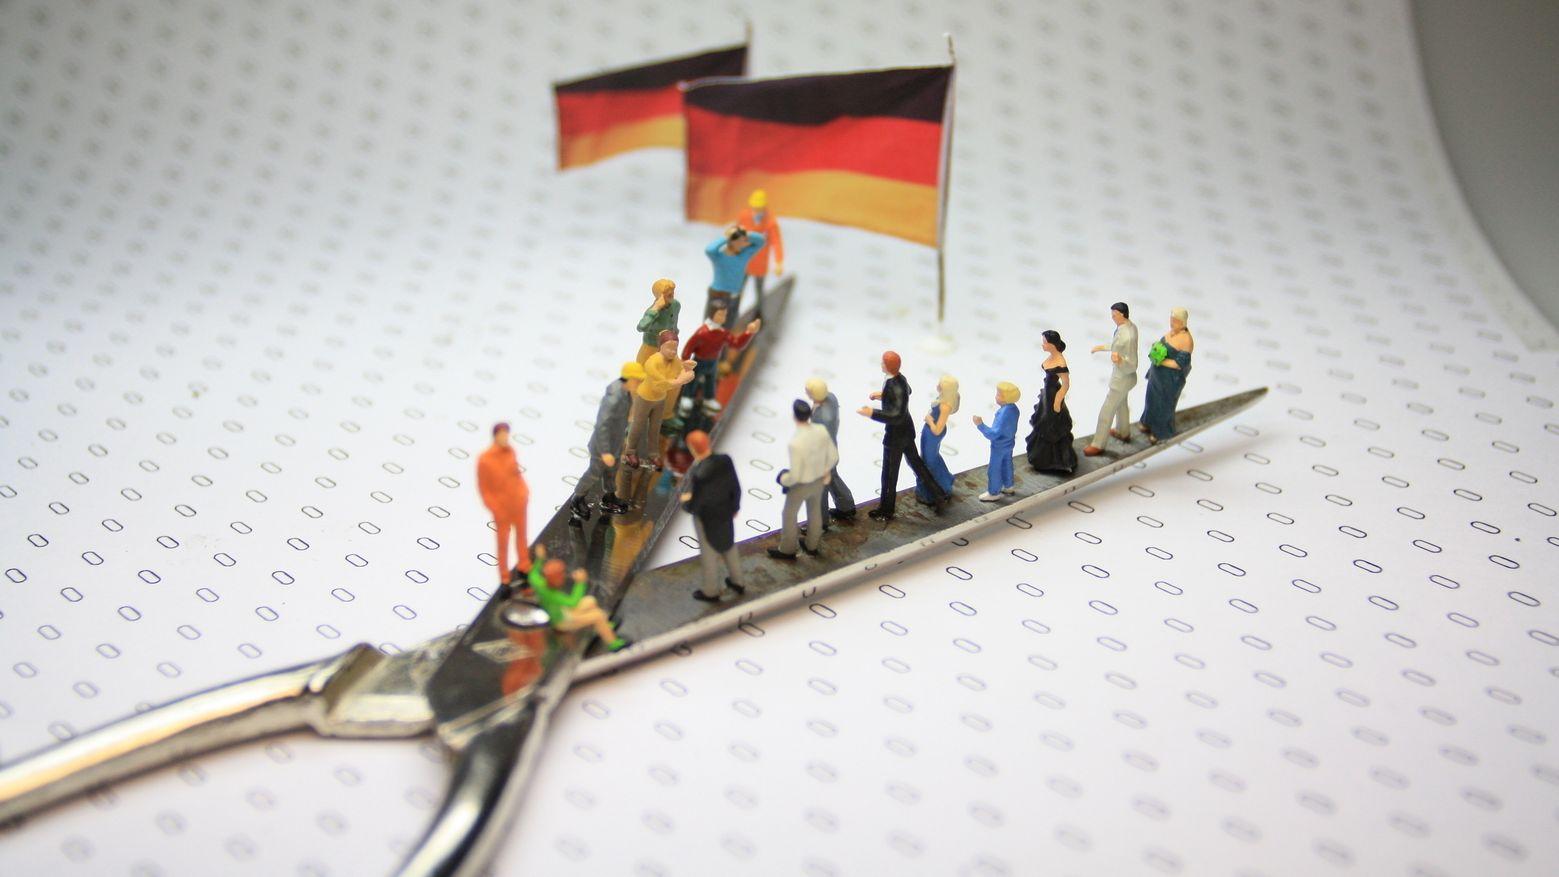 Die Spaltung der Gesellschaft bereitet vielen Deutschen Sorgen